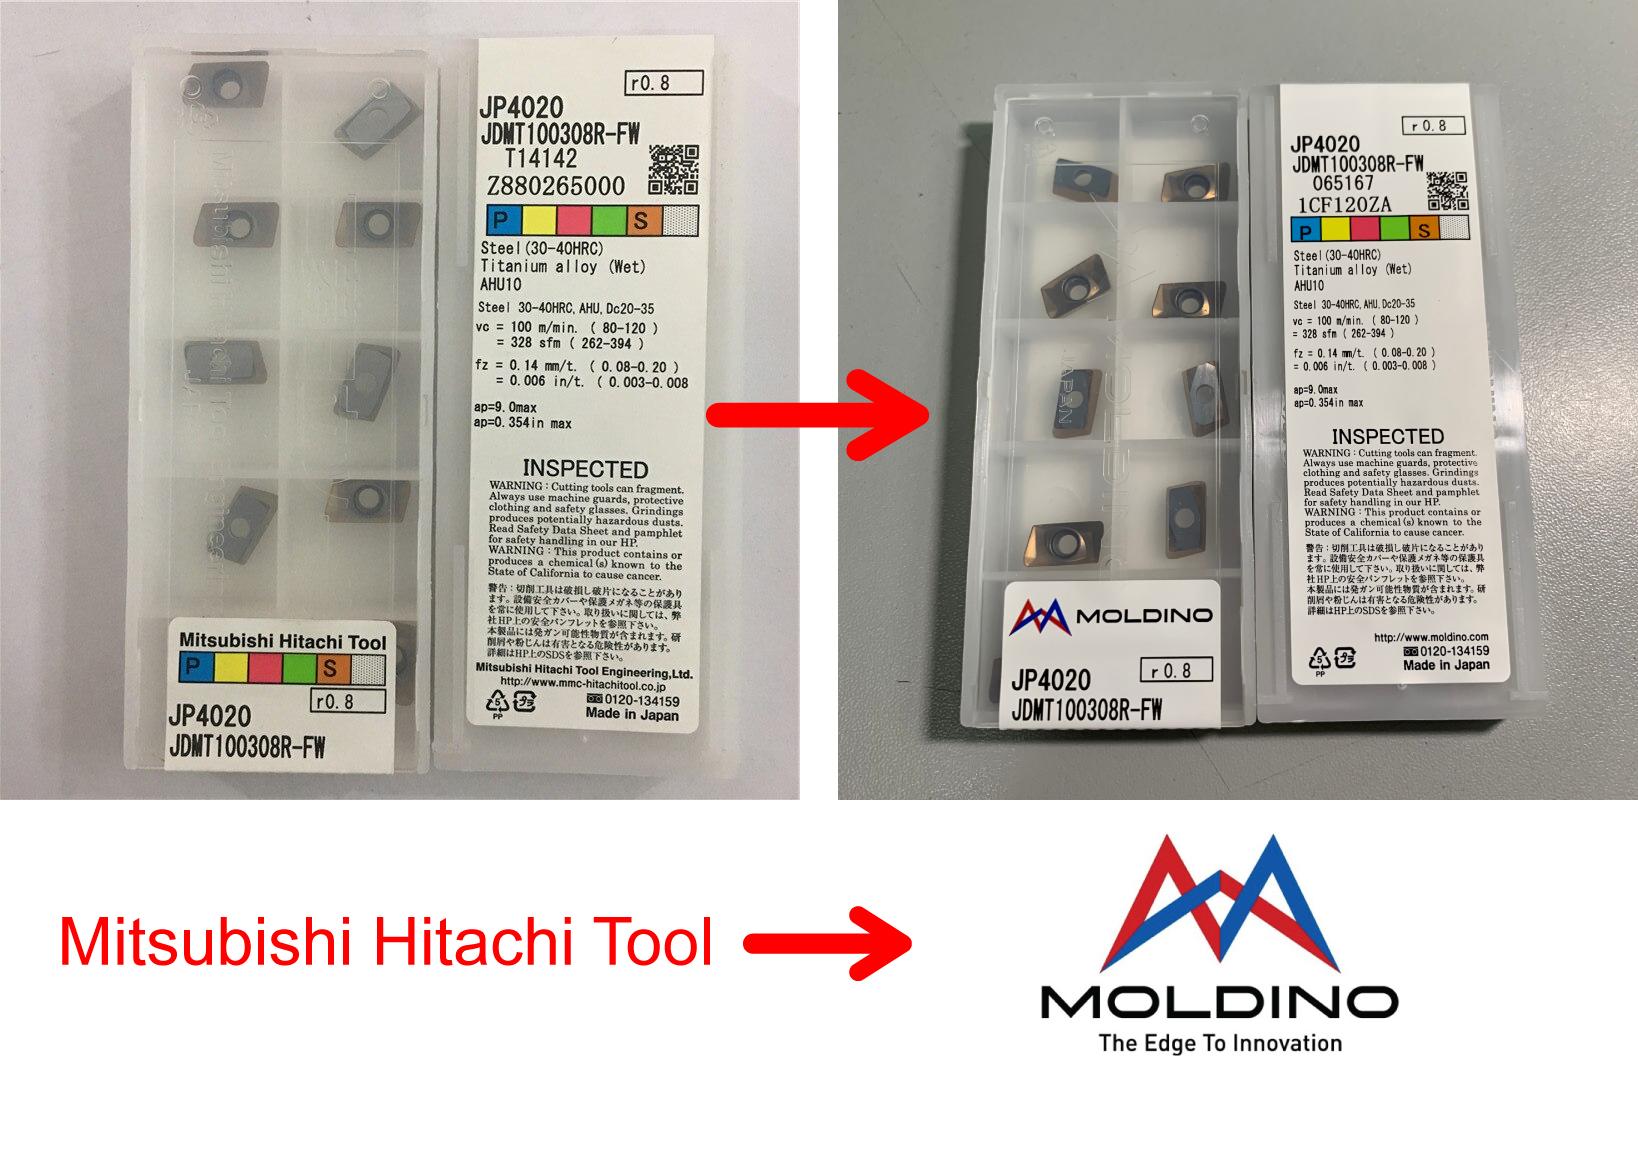 Mitsubishi Hitachi Đổi Tên Thành Moldino - Tập Trung Dụng Cụ Cắt Gọt Ngành Khuôn Mẫu 4